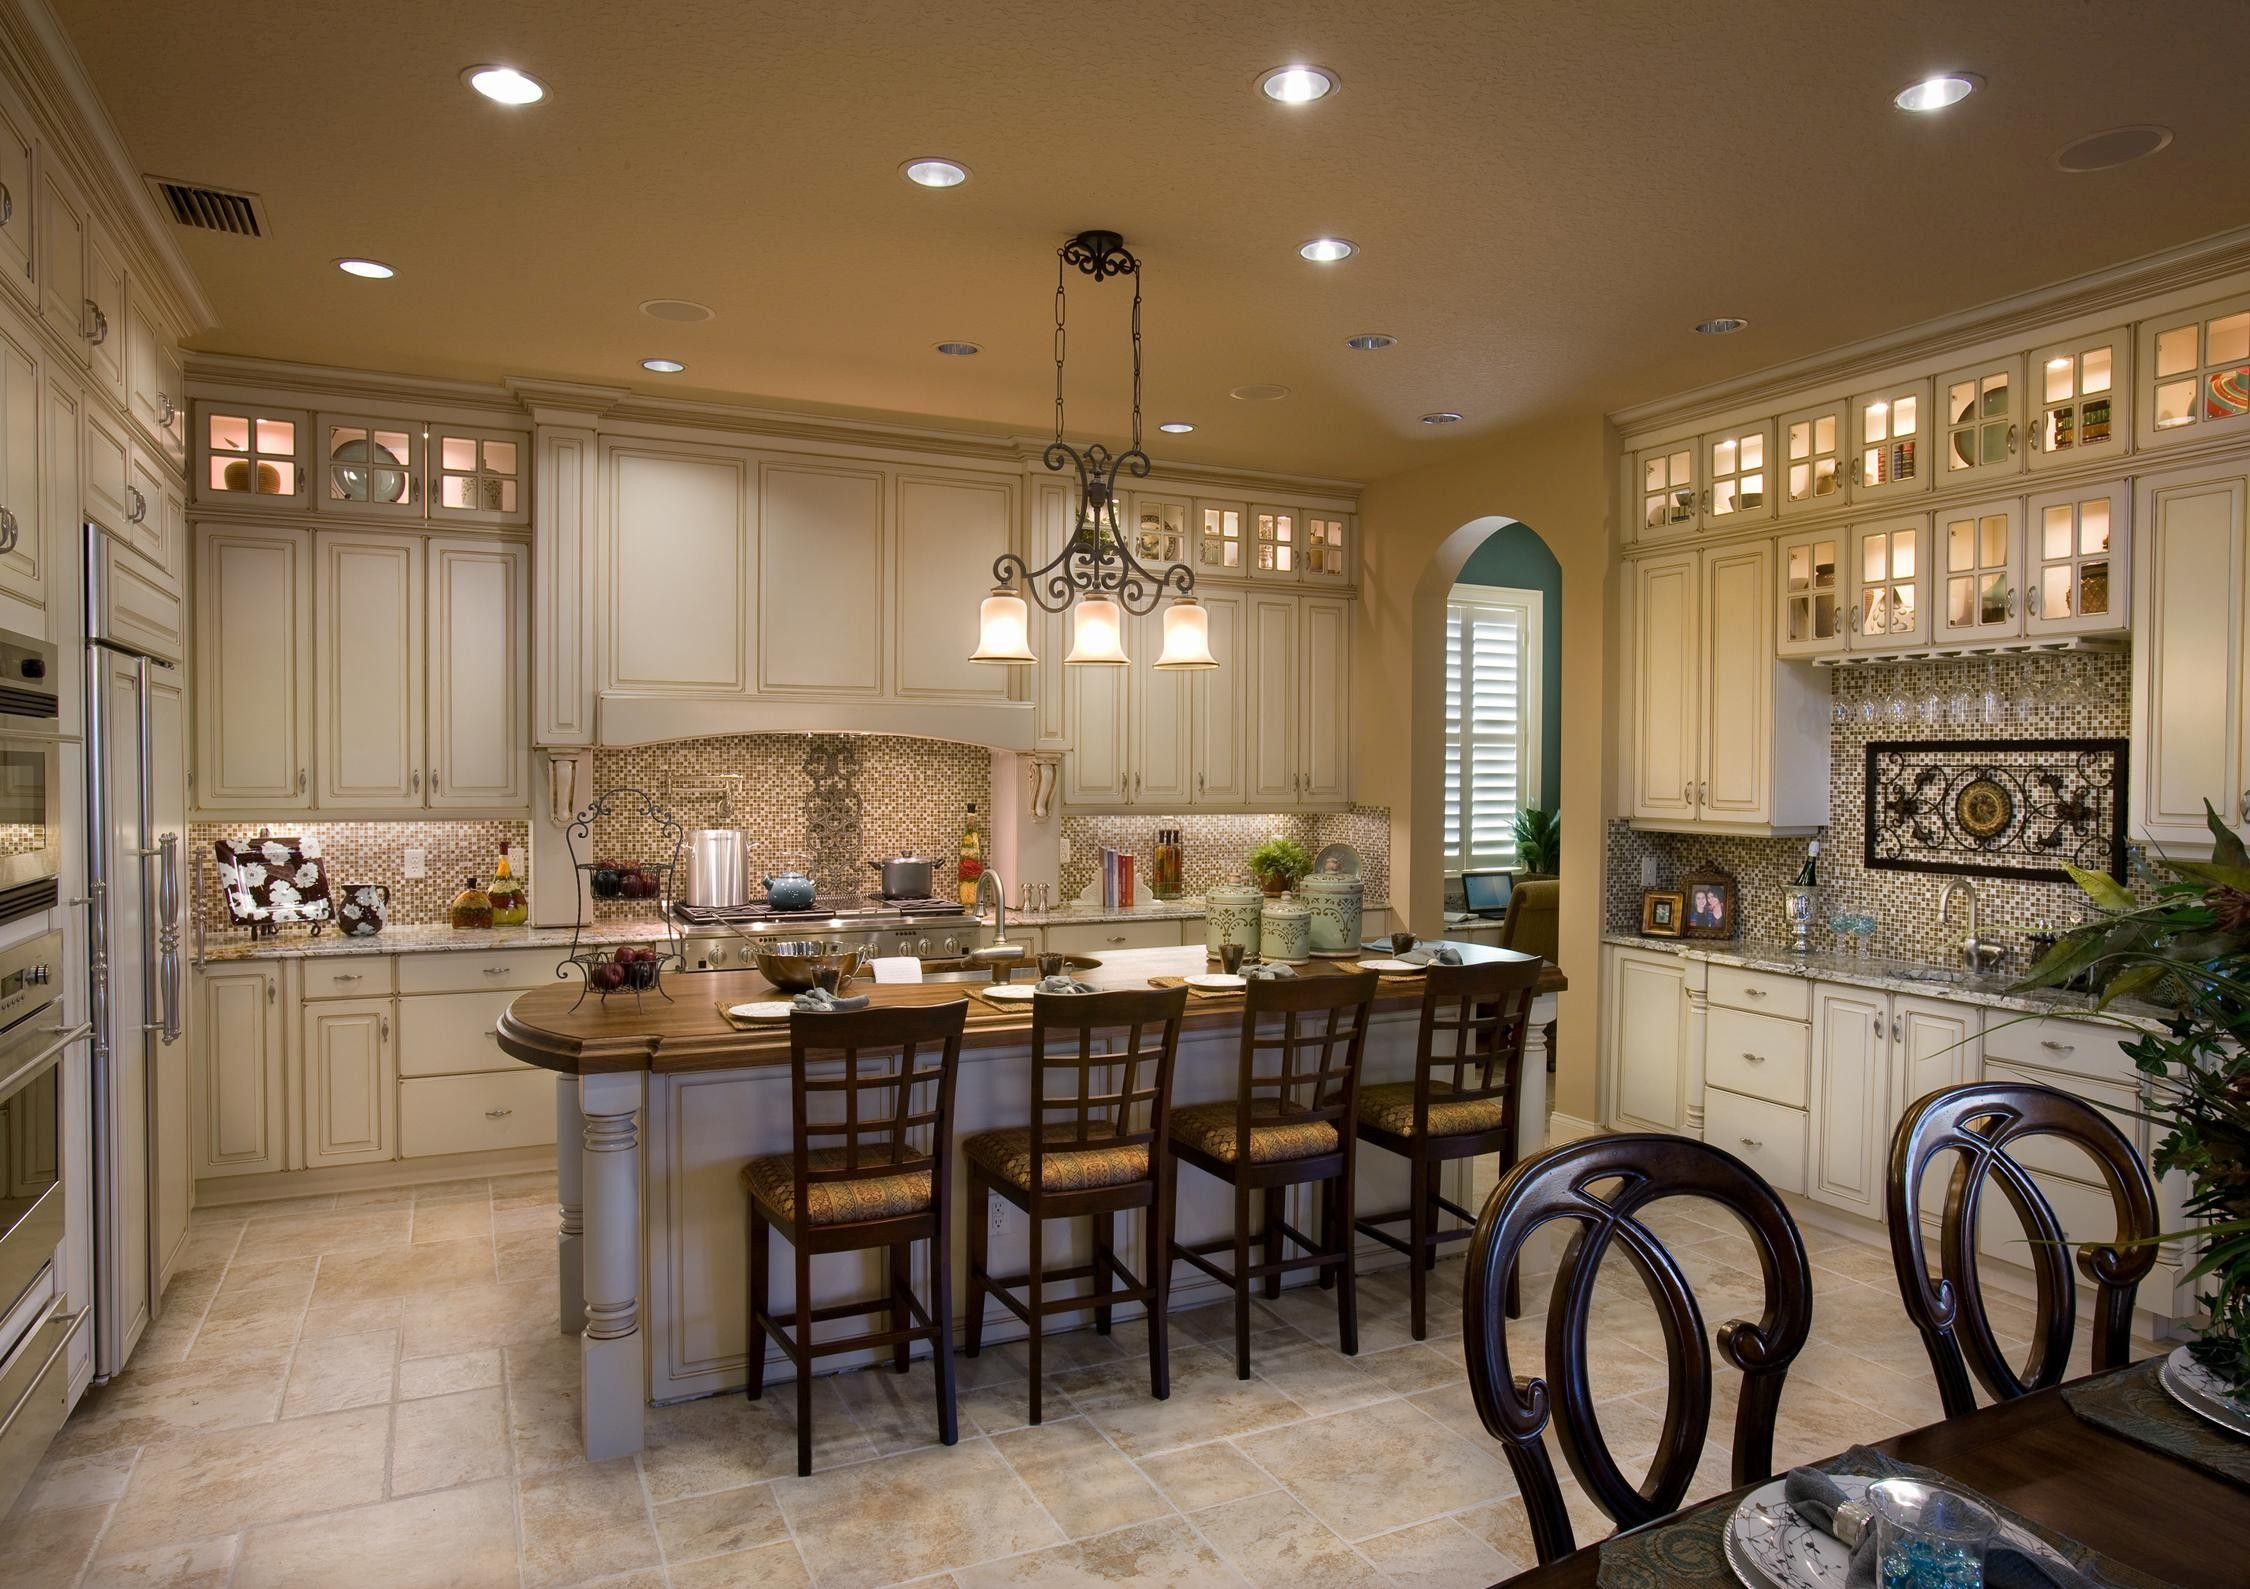 Model Homes Kitchens   ... Emerald Showcase Model 3 ... on Design Model Kitchen  id=94140